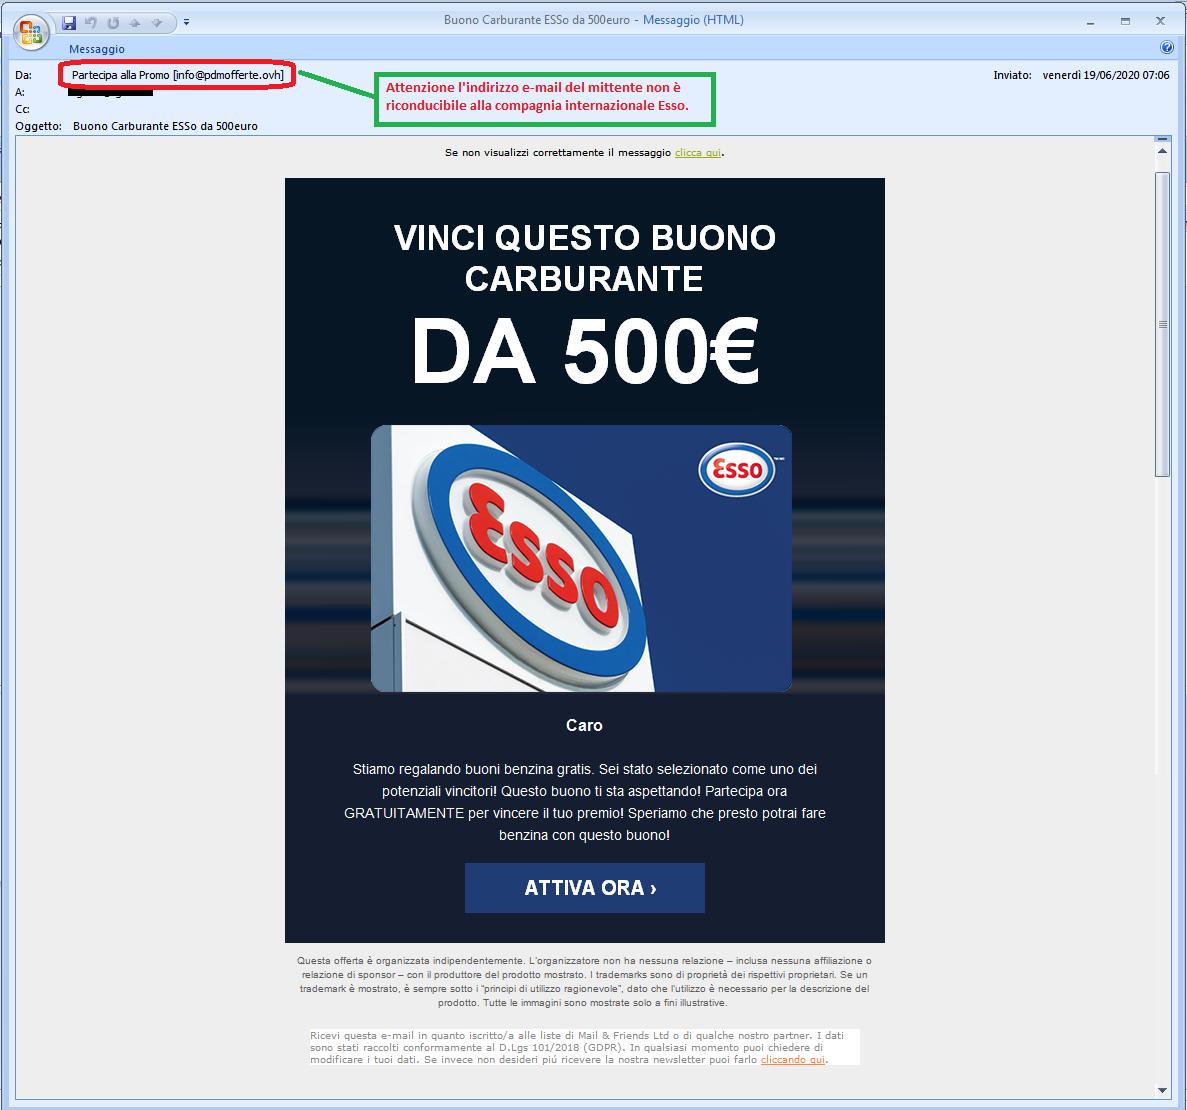 Clicca per ingrandire l'immagine della falsa videata di IKEA che offre la possibilità di vincere un buono del valore di 250 Euro ma che in realtà è una TRUFFA!